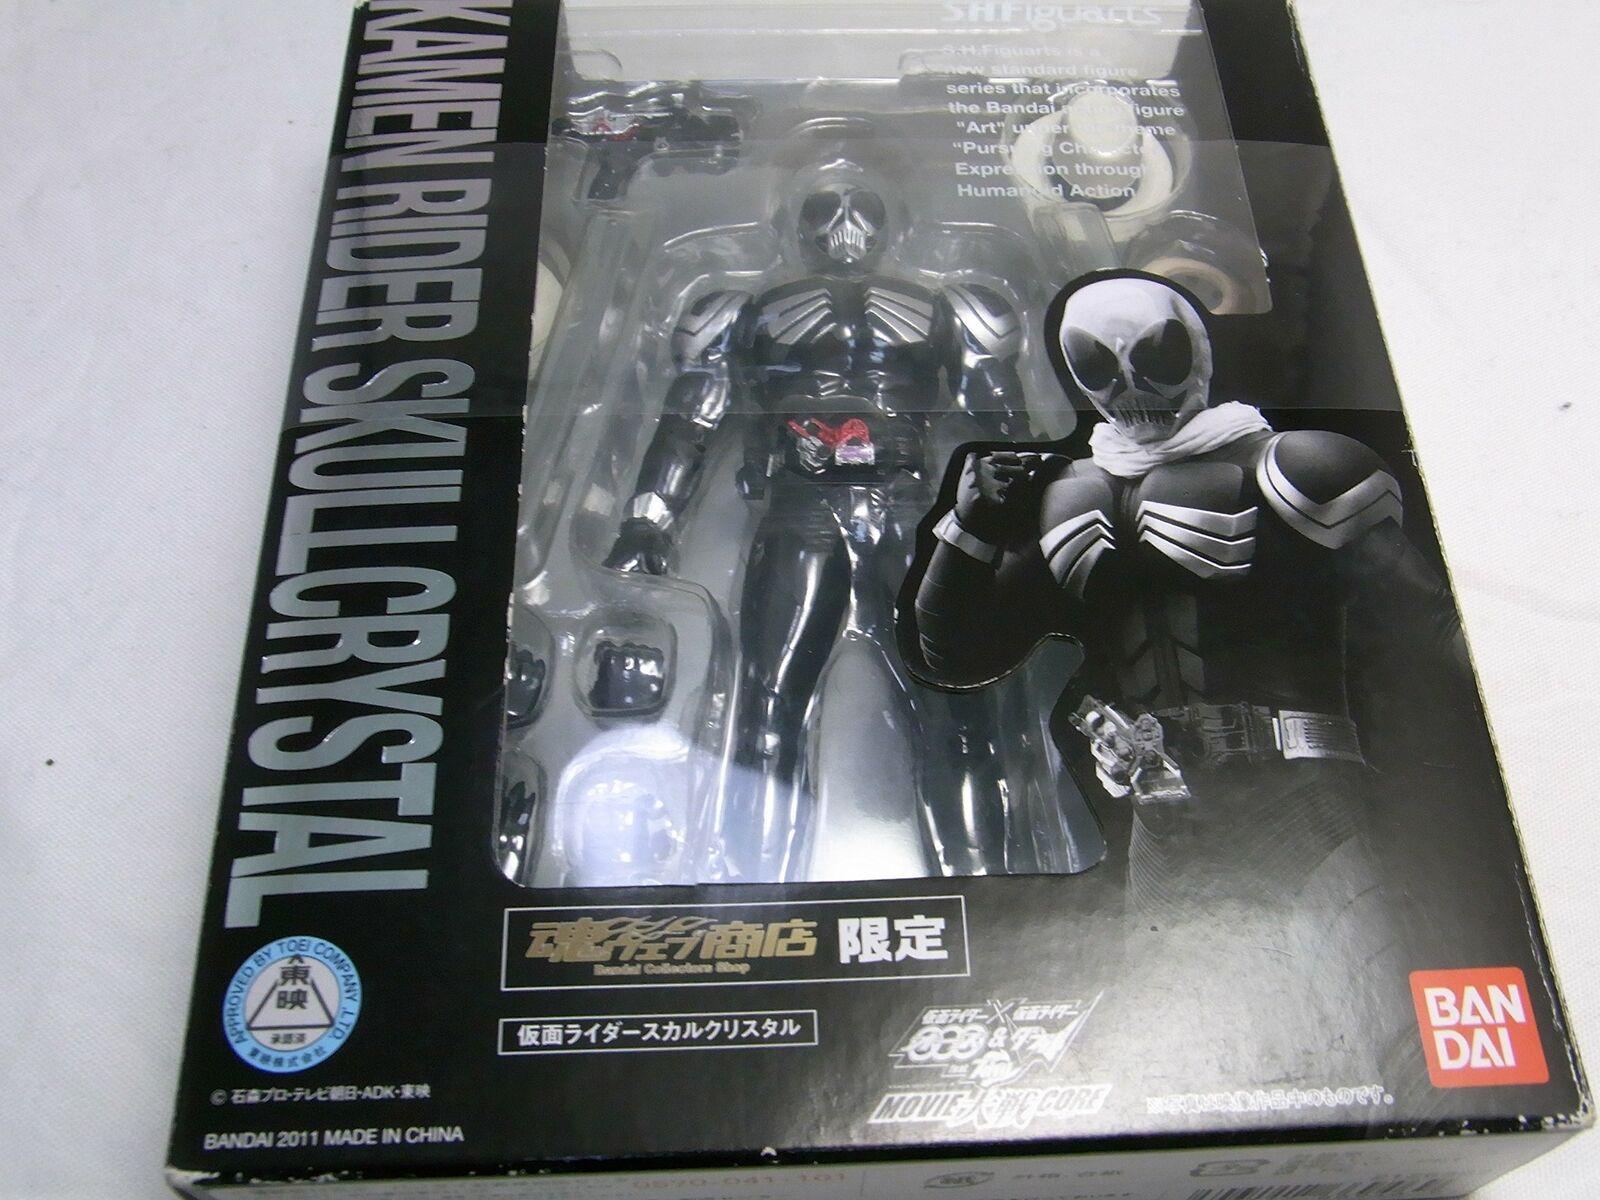 S.H.Figuarts Kamen Rider Skull Crystal